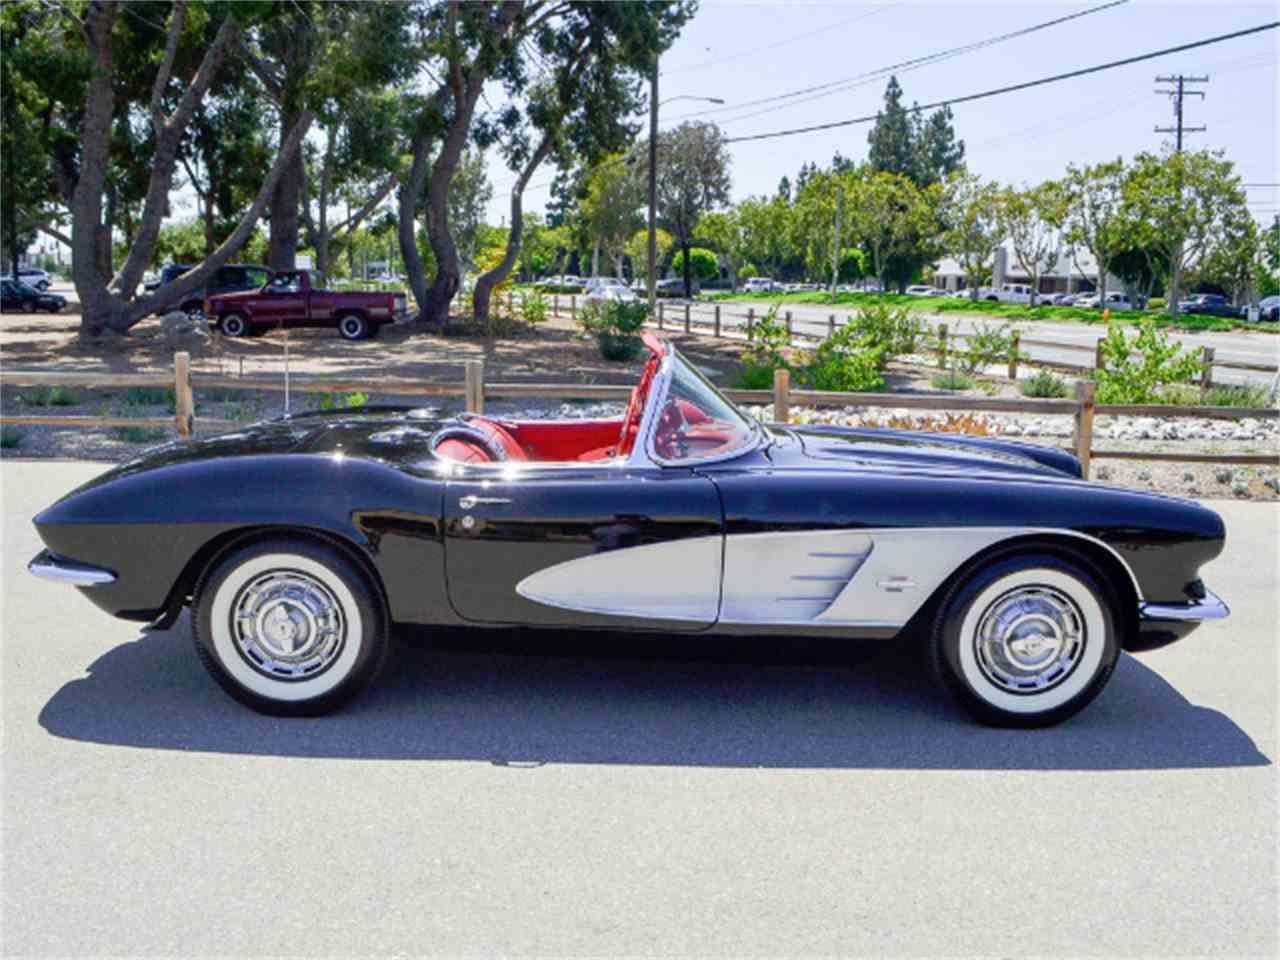 New Car Old Car كاتالوج موديلات سيارات حديثه وسيارات قديمه كلاسيك وعرض سيارات للبيع Chevrolet Corvette Chevrolet Corvette